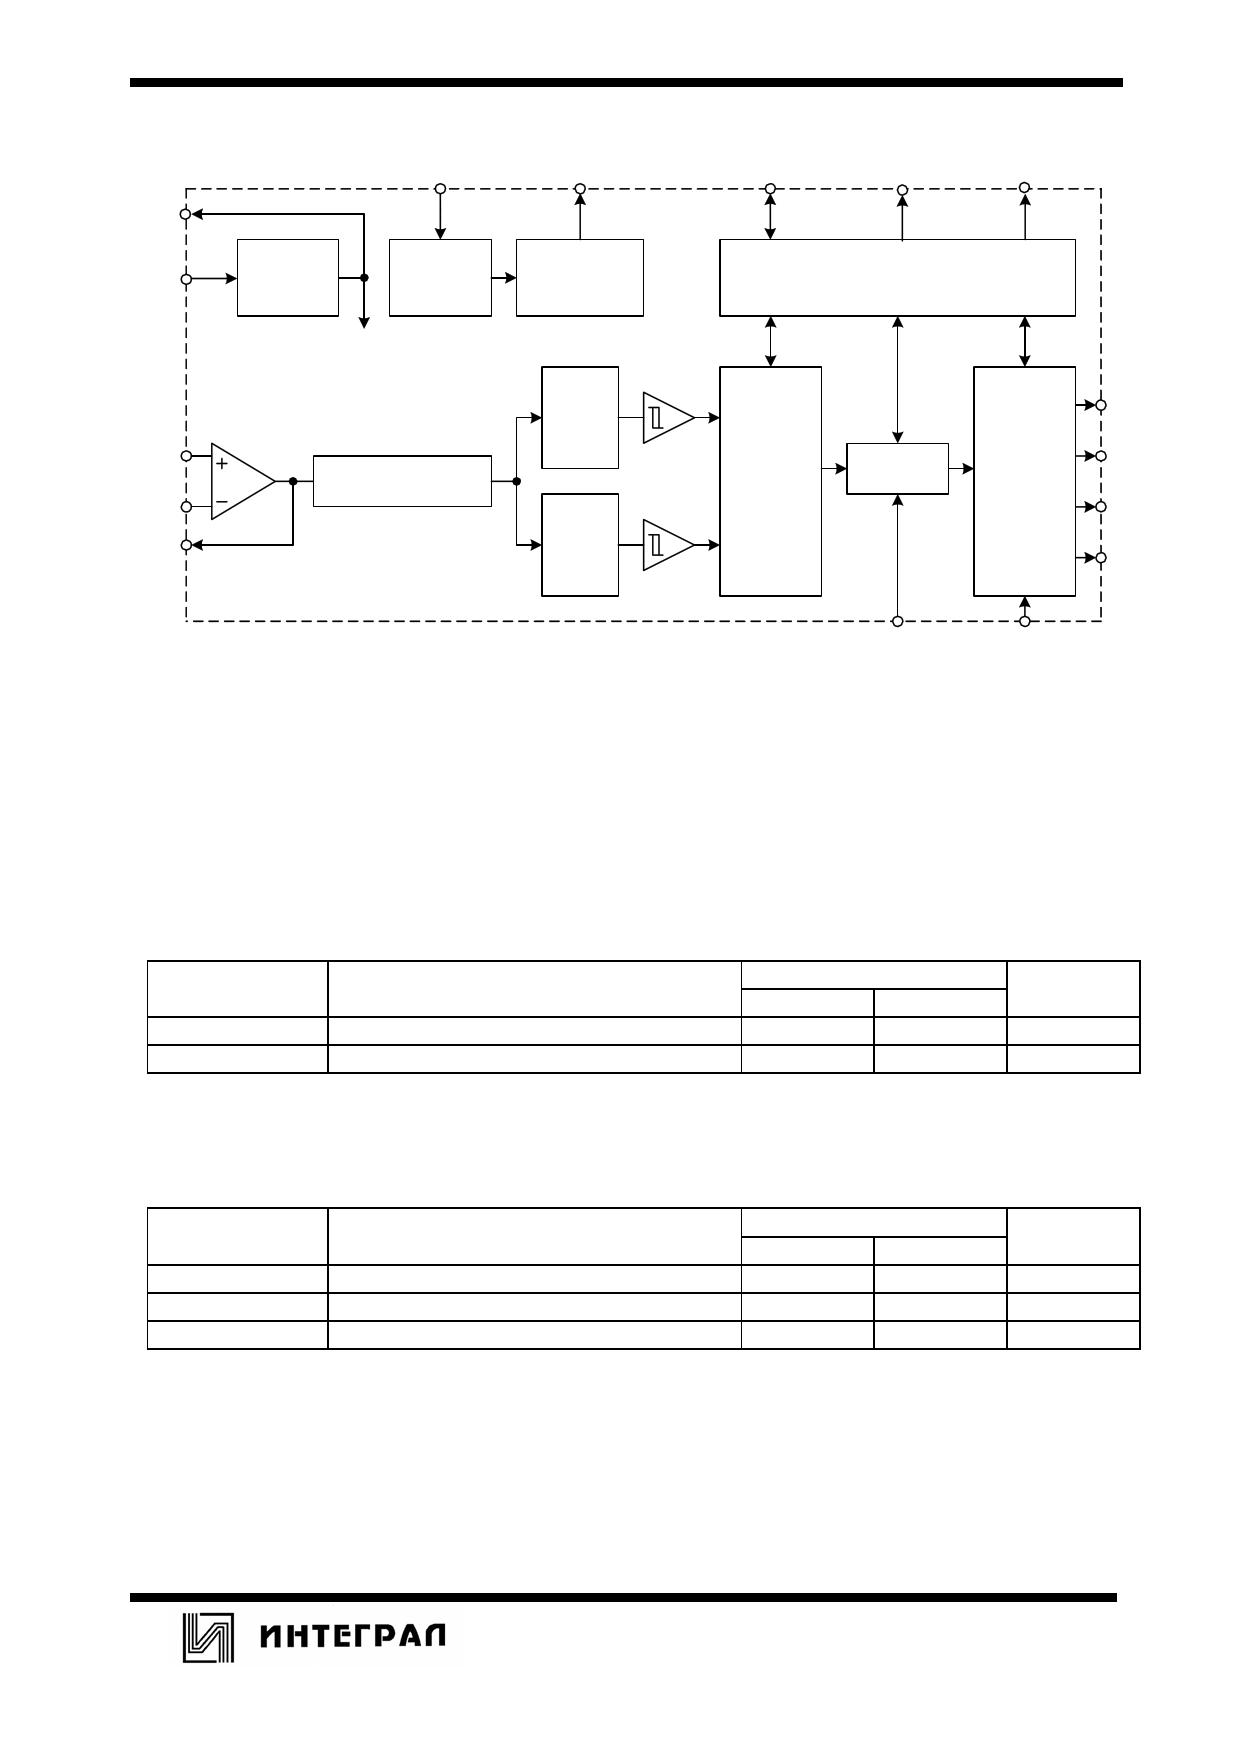 IL9170N pdf, ピン配列